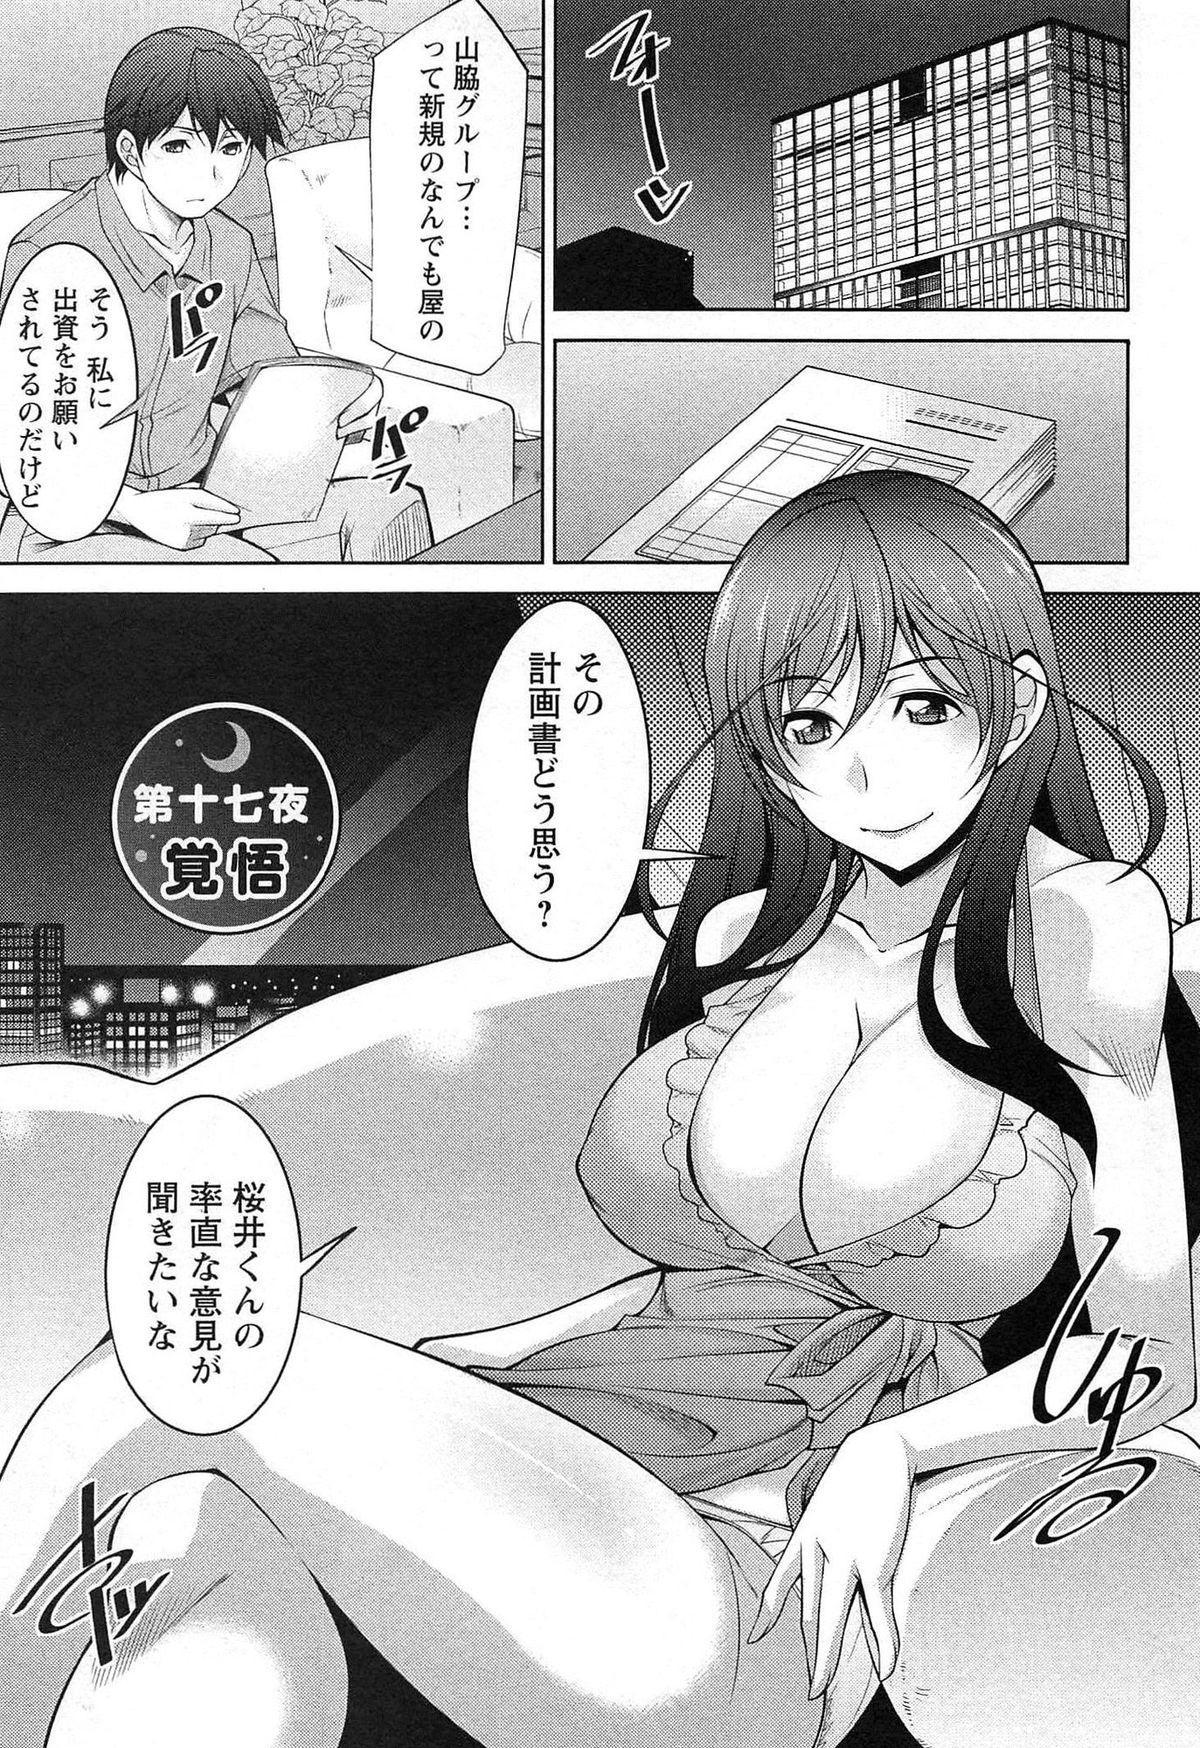 [zen9] Tsuki-wo Ai-Shite - Tsuki-ni Koi-shite 2 135